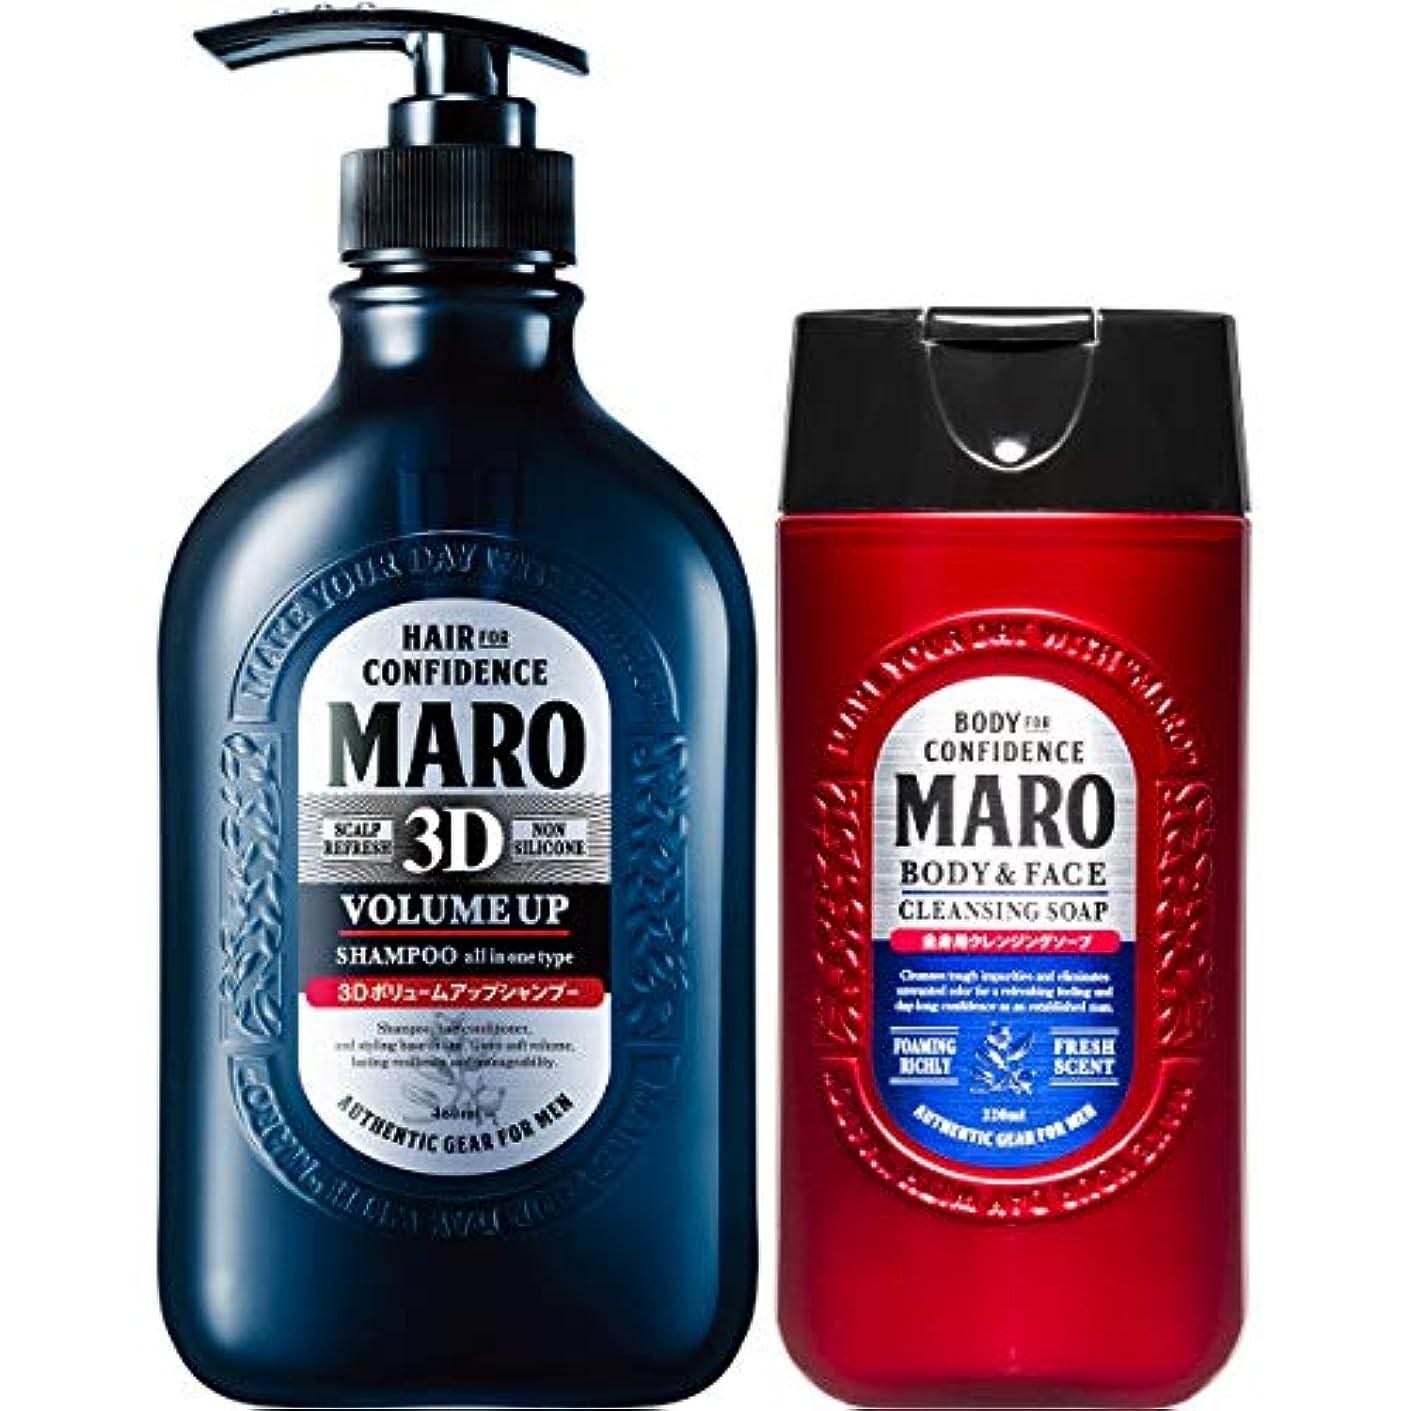 真空視聴者憧れMARO 3DボリュームアップシャンプーEX クレンジングソープ付 460ml+220ml